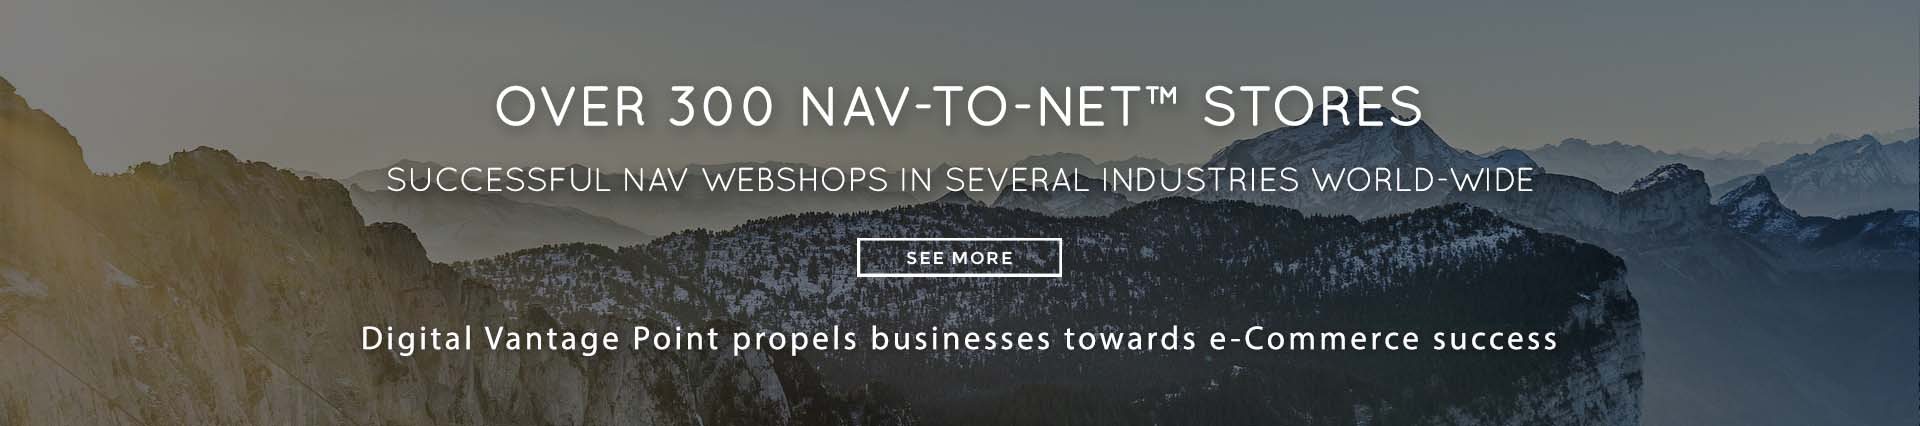 Over 300 Nav-to-Net Stores